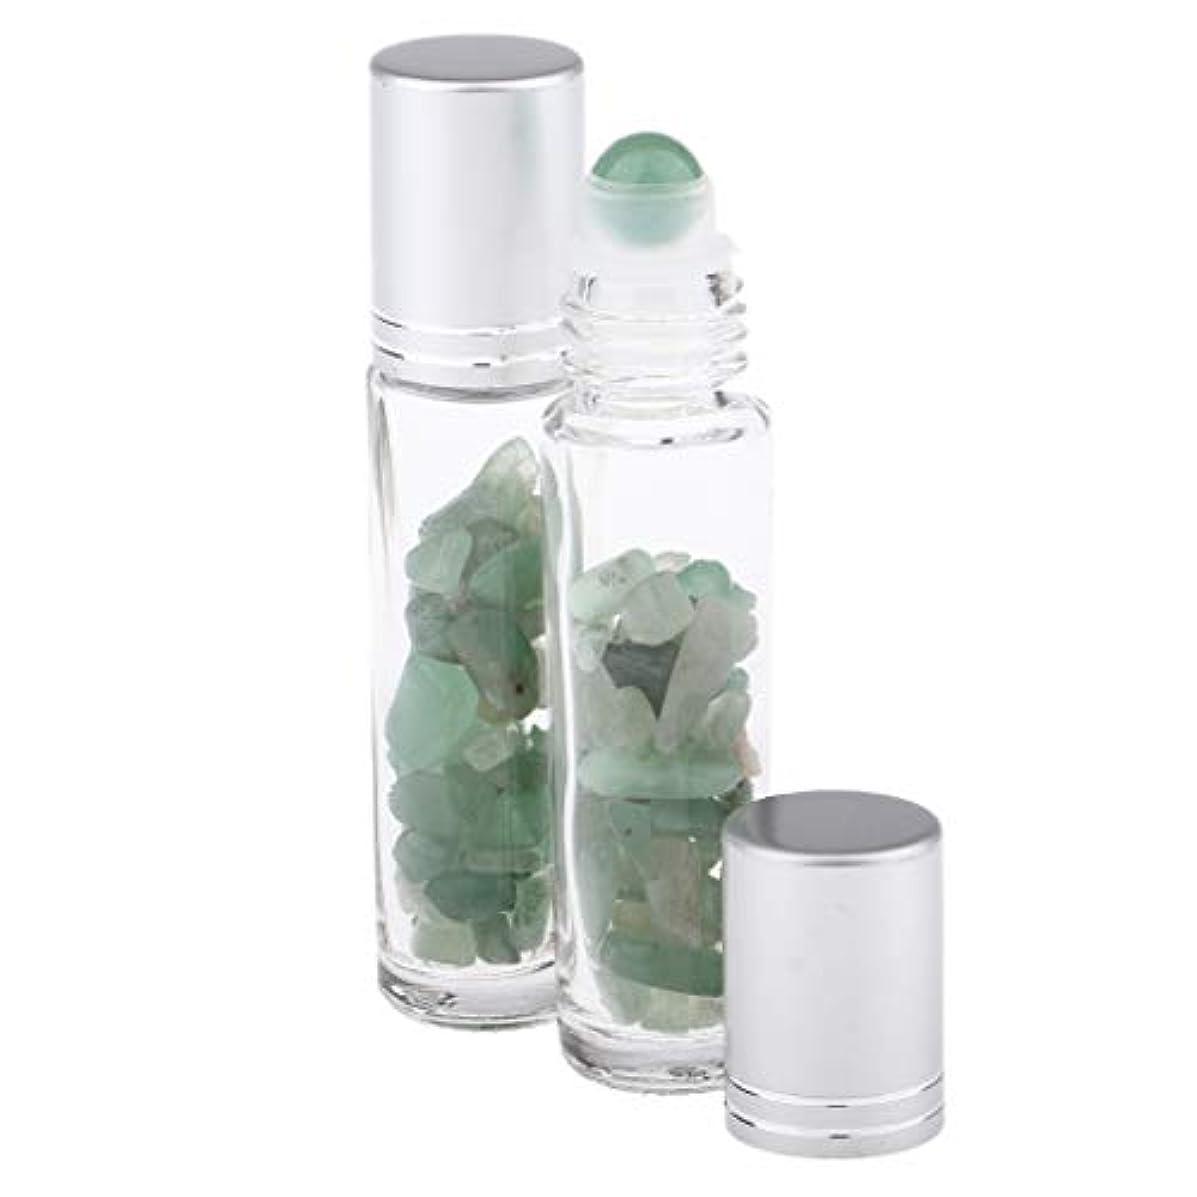 パネルその後パネル10ML ガラスボトル ロールオンボトル 天然石 香水ボトル 精油瓶 アトマイザー 詰替え 2個 - グリーンアベンチュリン